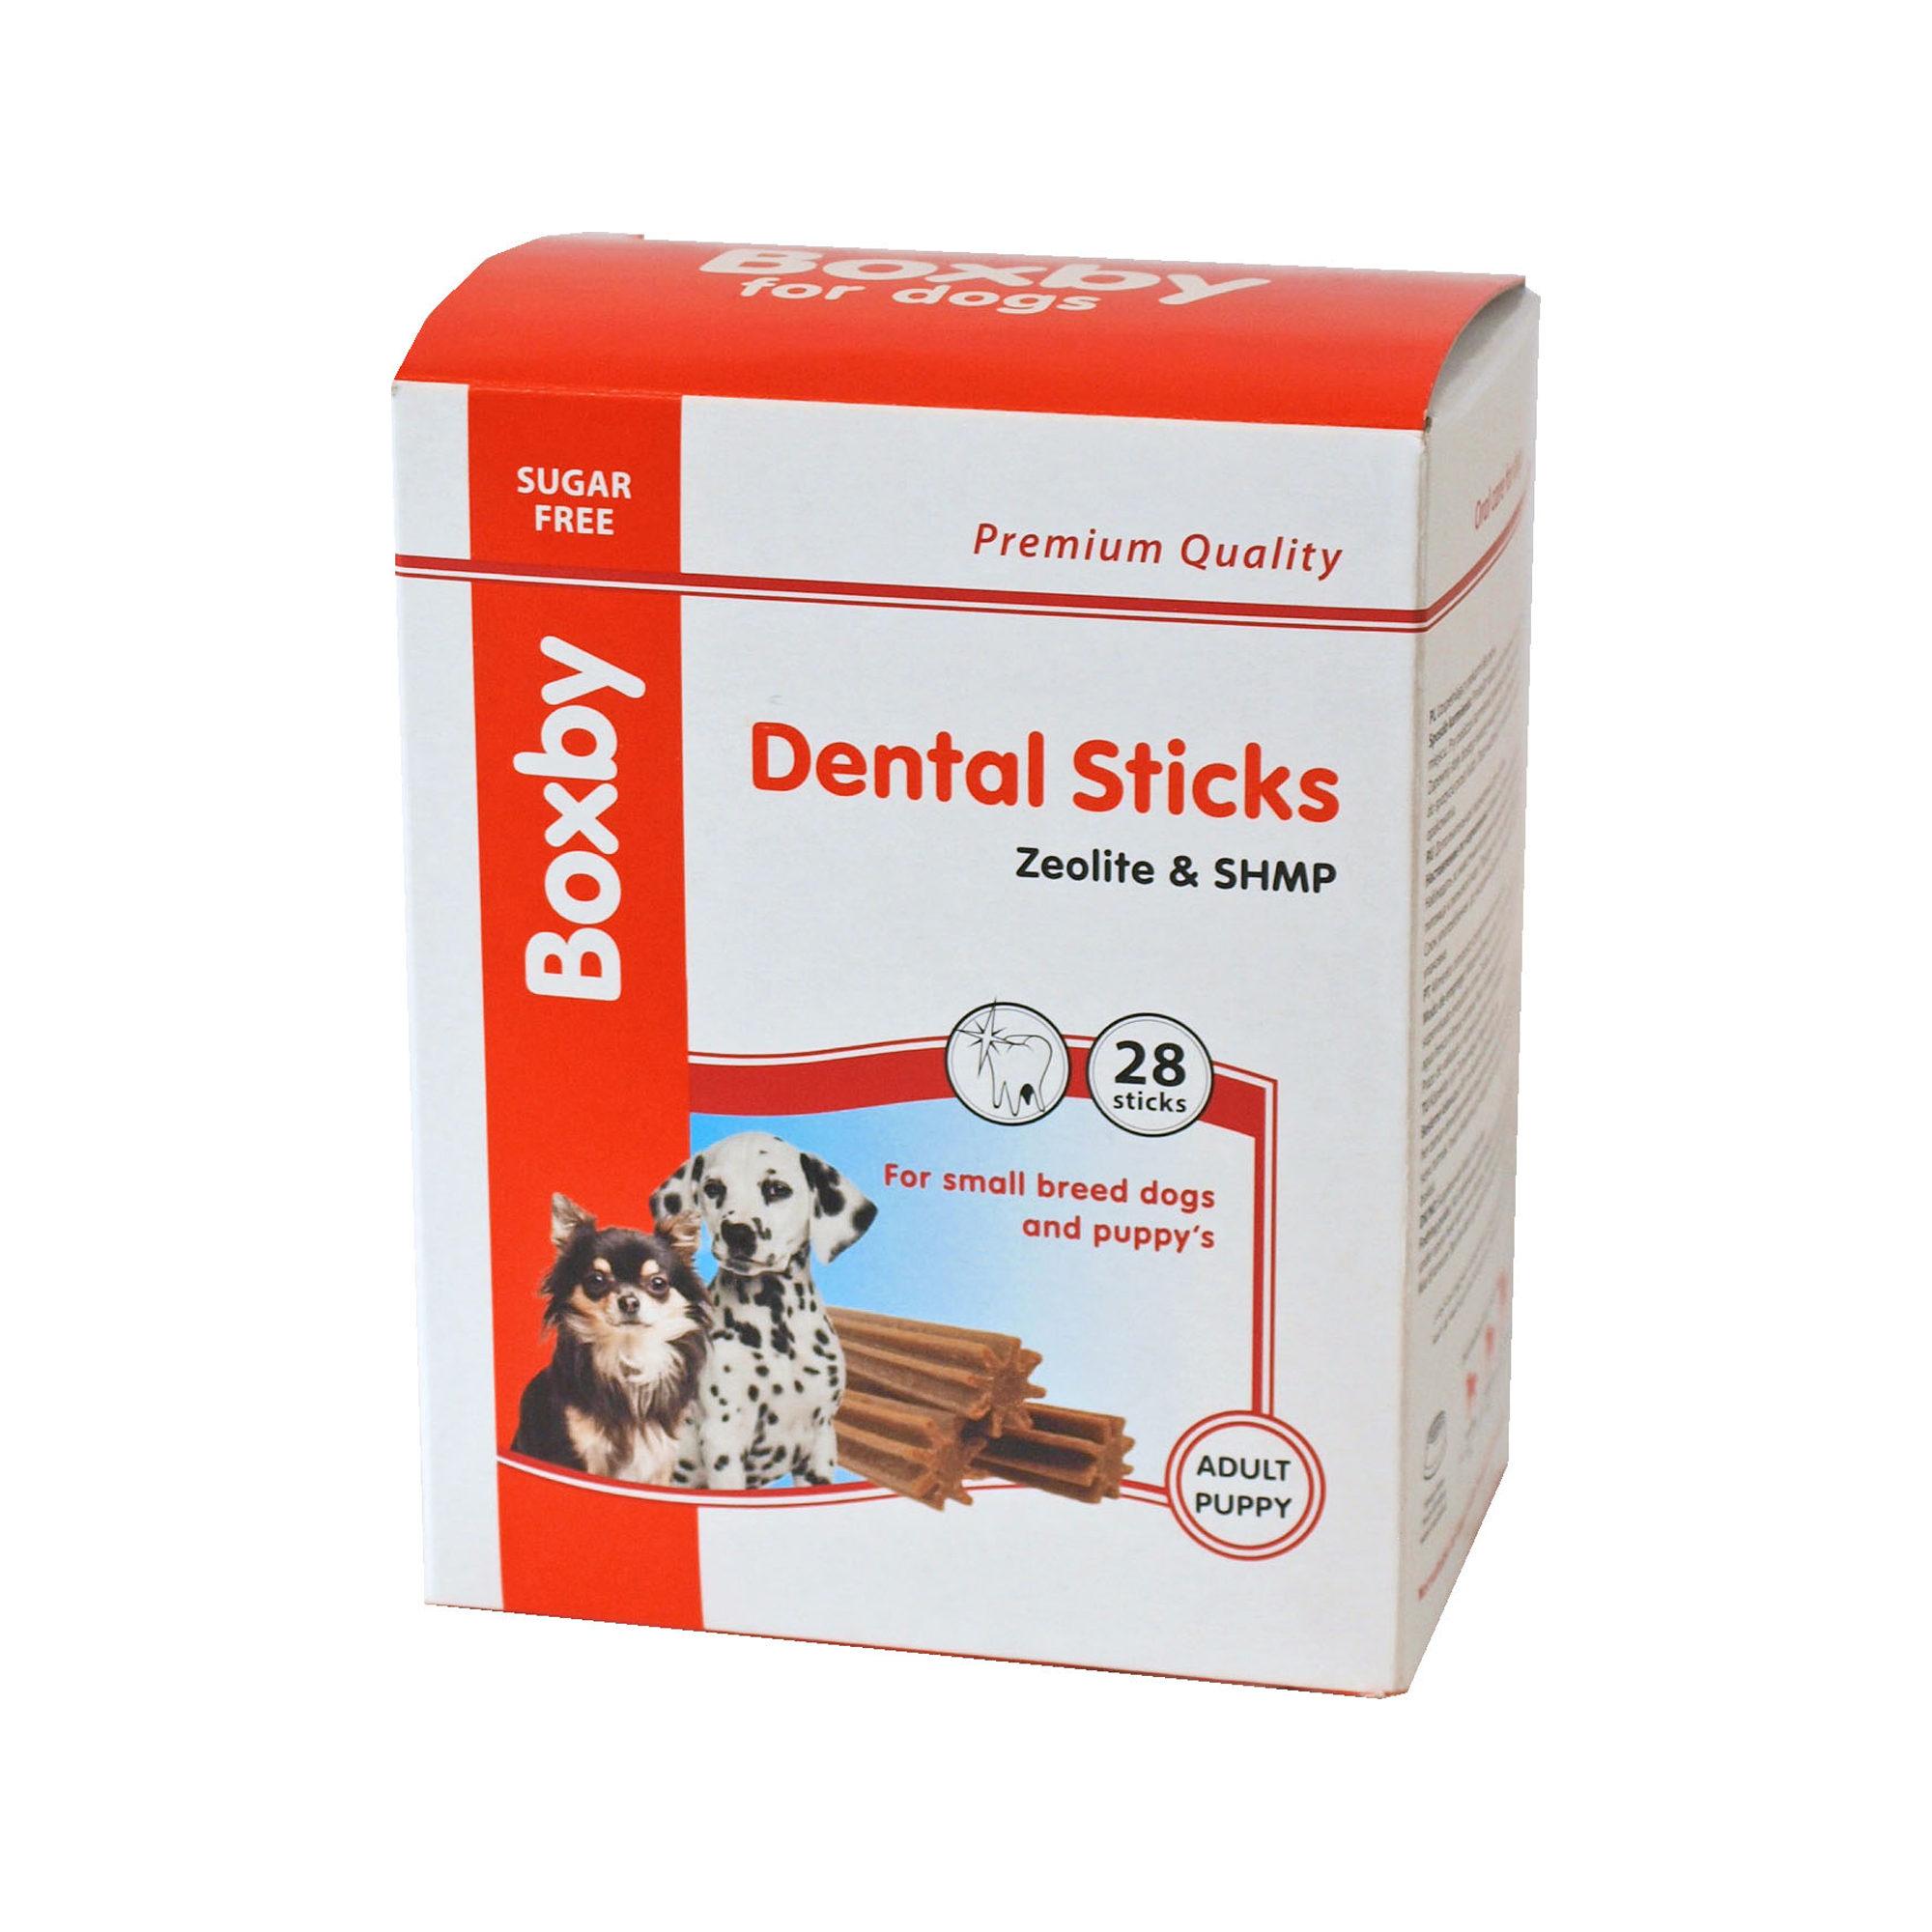 Boxby Dental Sticks - 28 sticks